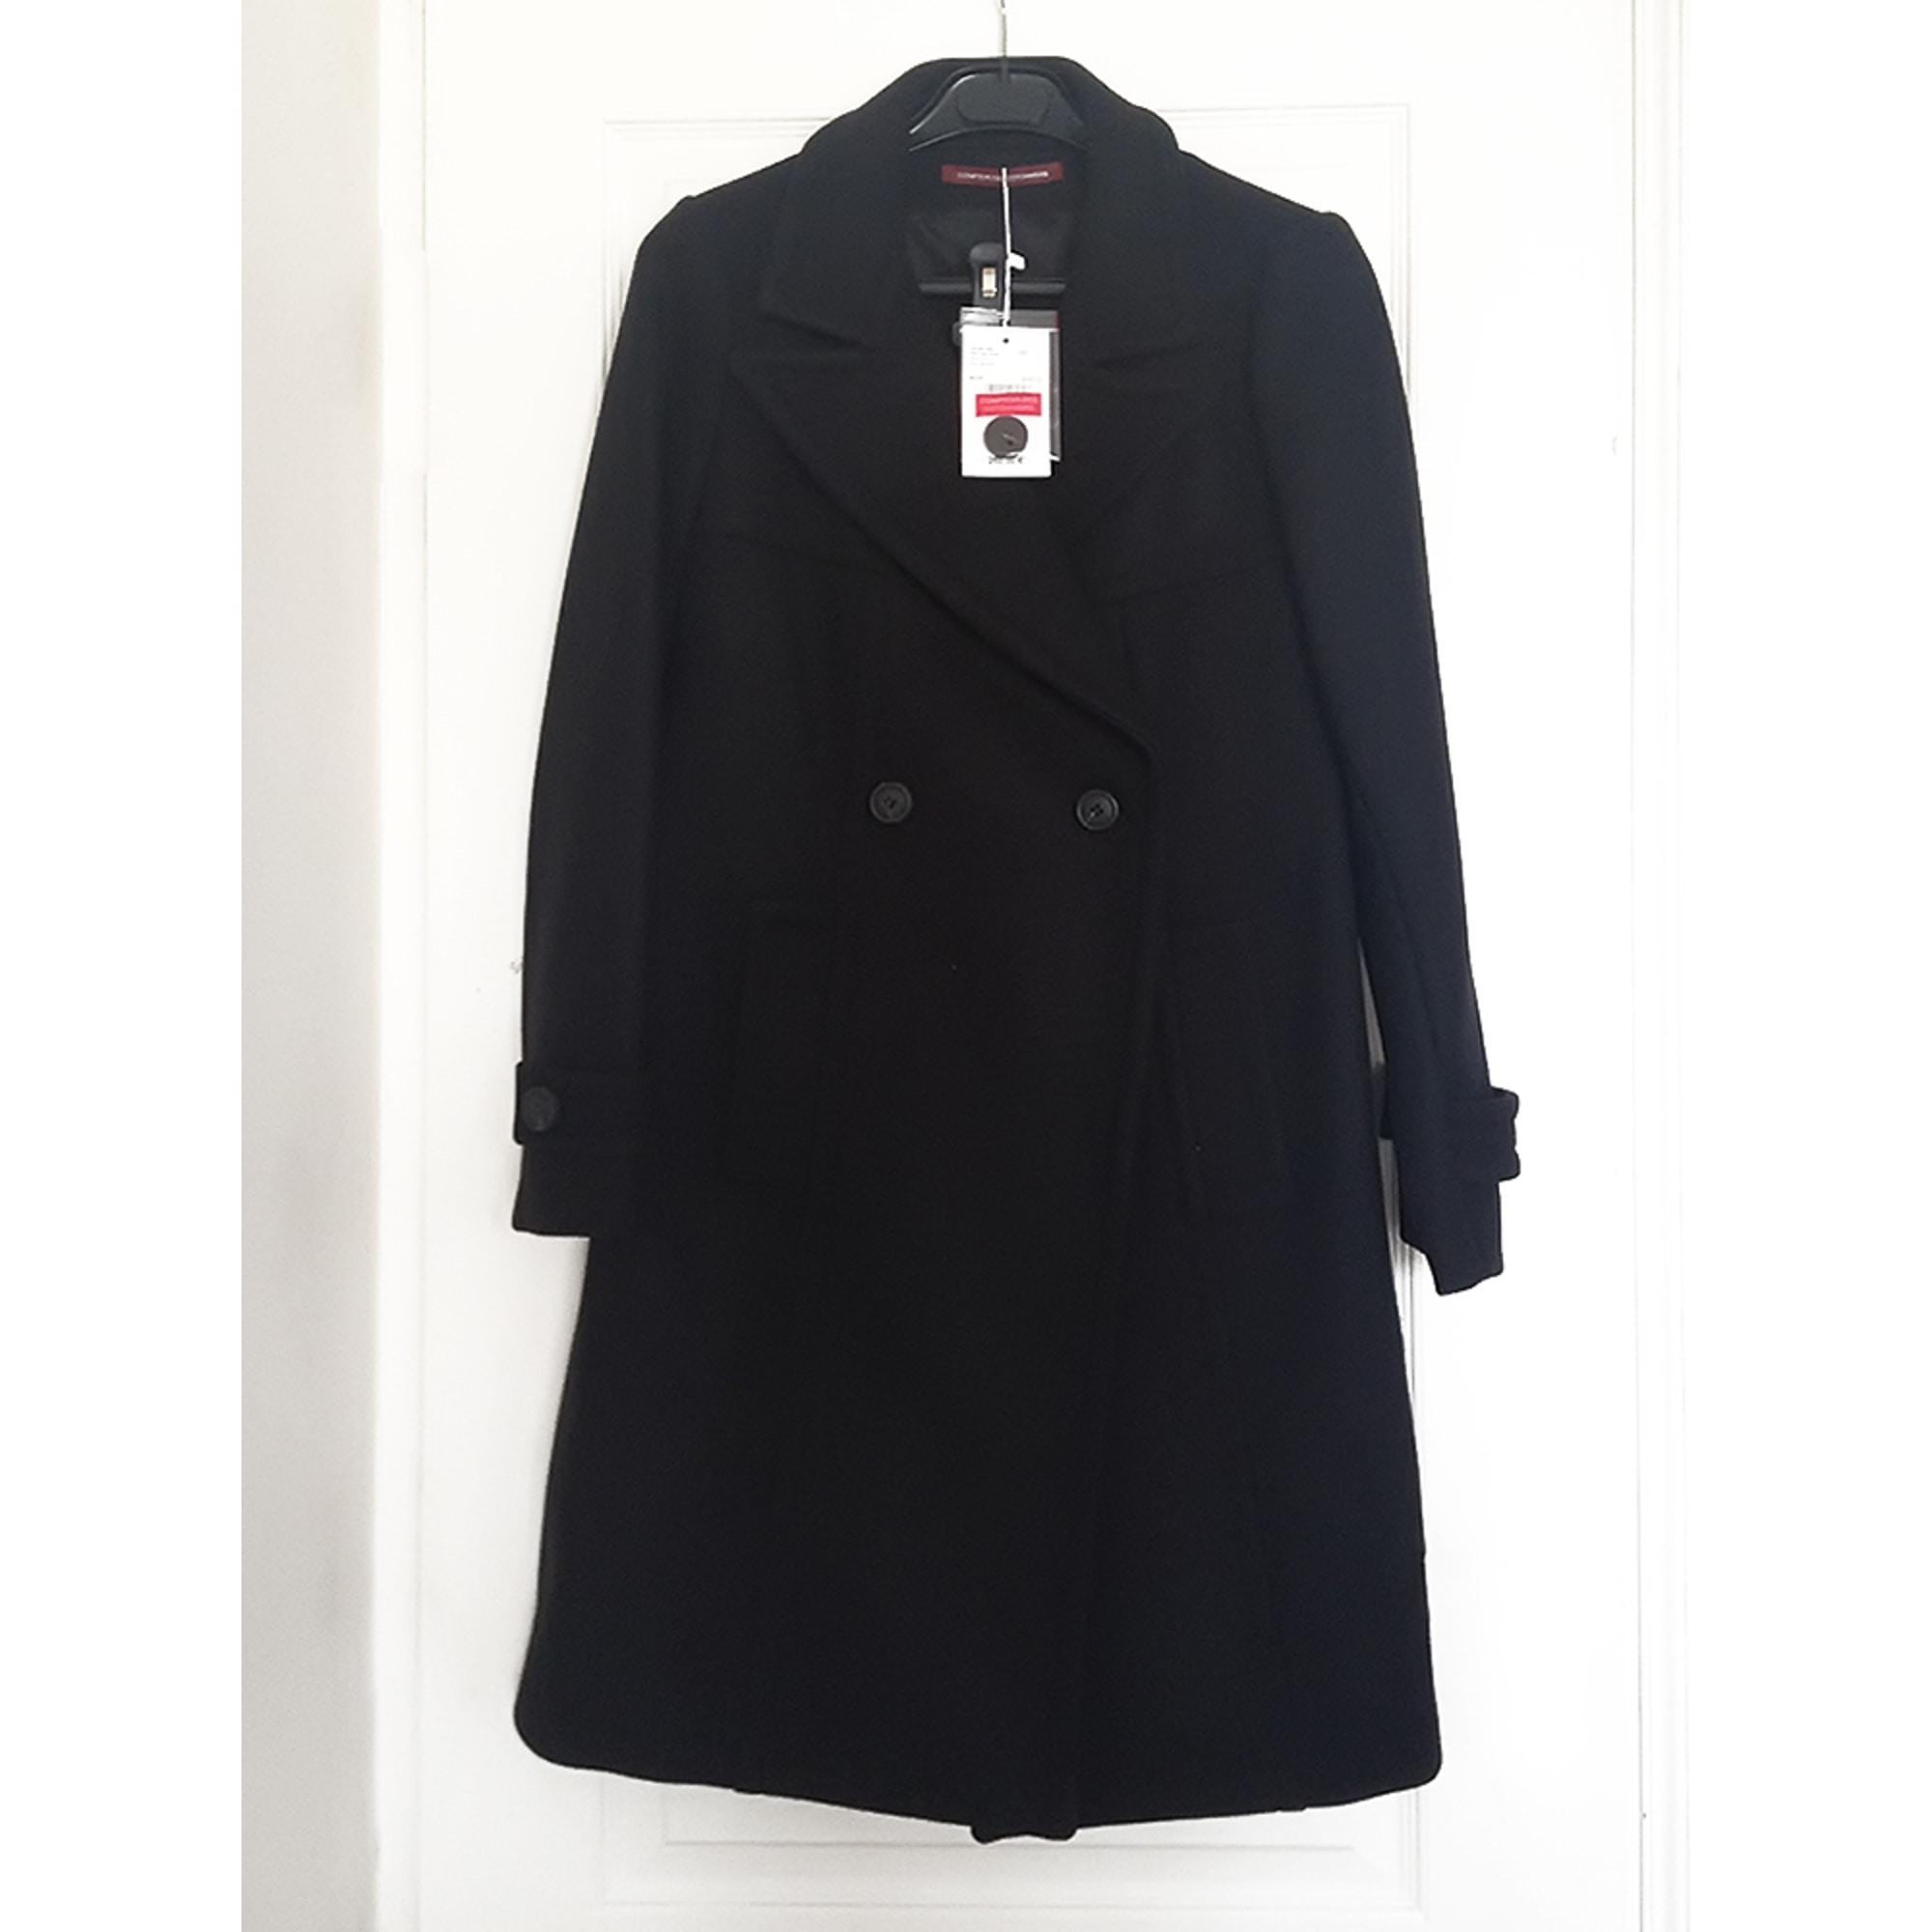 Manteau COMPTOIR DES COTONNIERS 40 (L, T3) noir vendu par ... 8092a93b75e